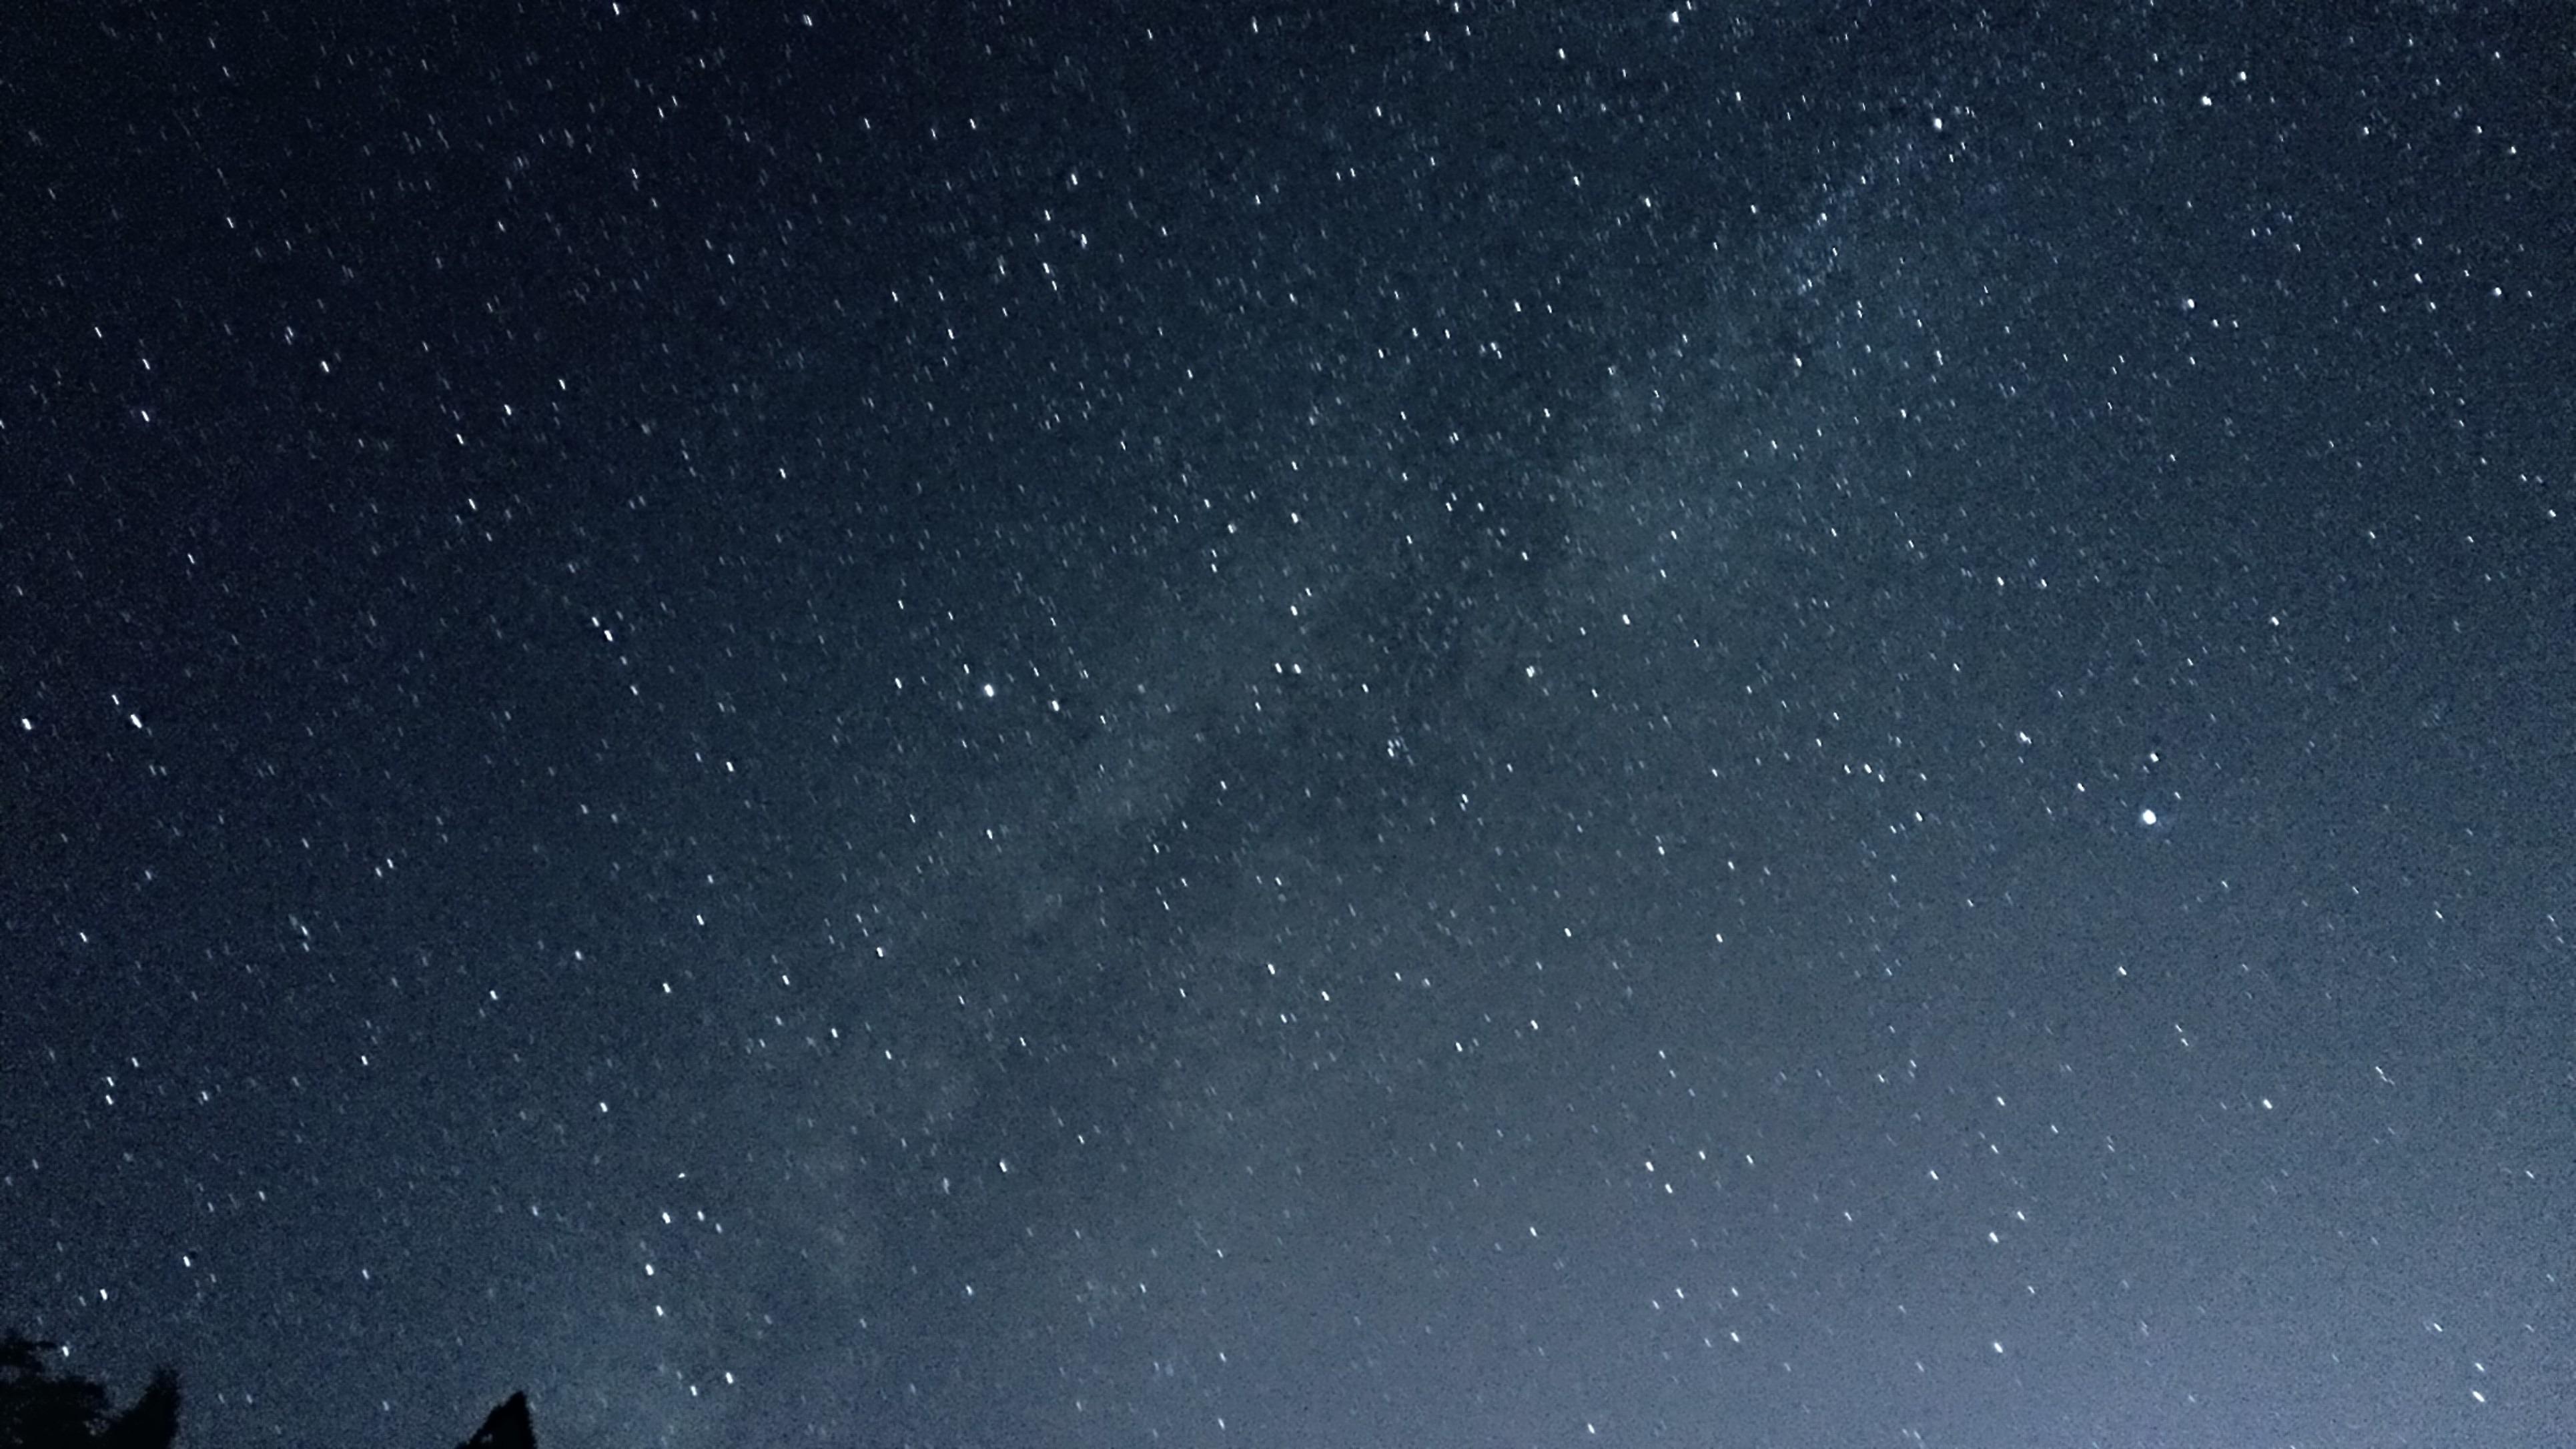 天上的繁星洗礼我浑浊的眼球,净化我心中无尽的烦恼.